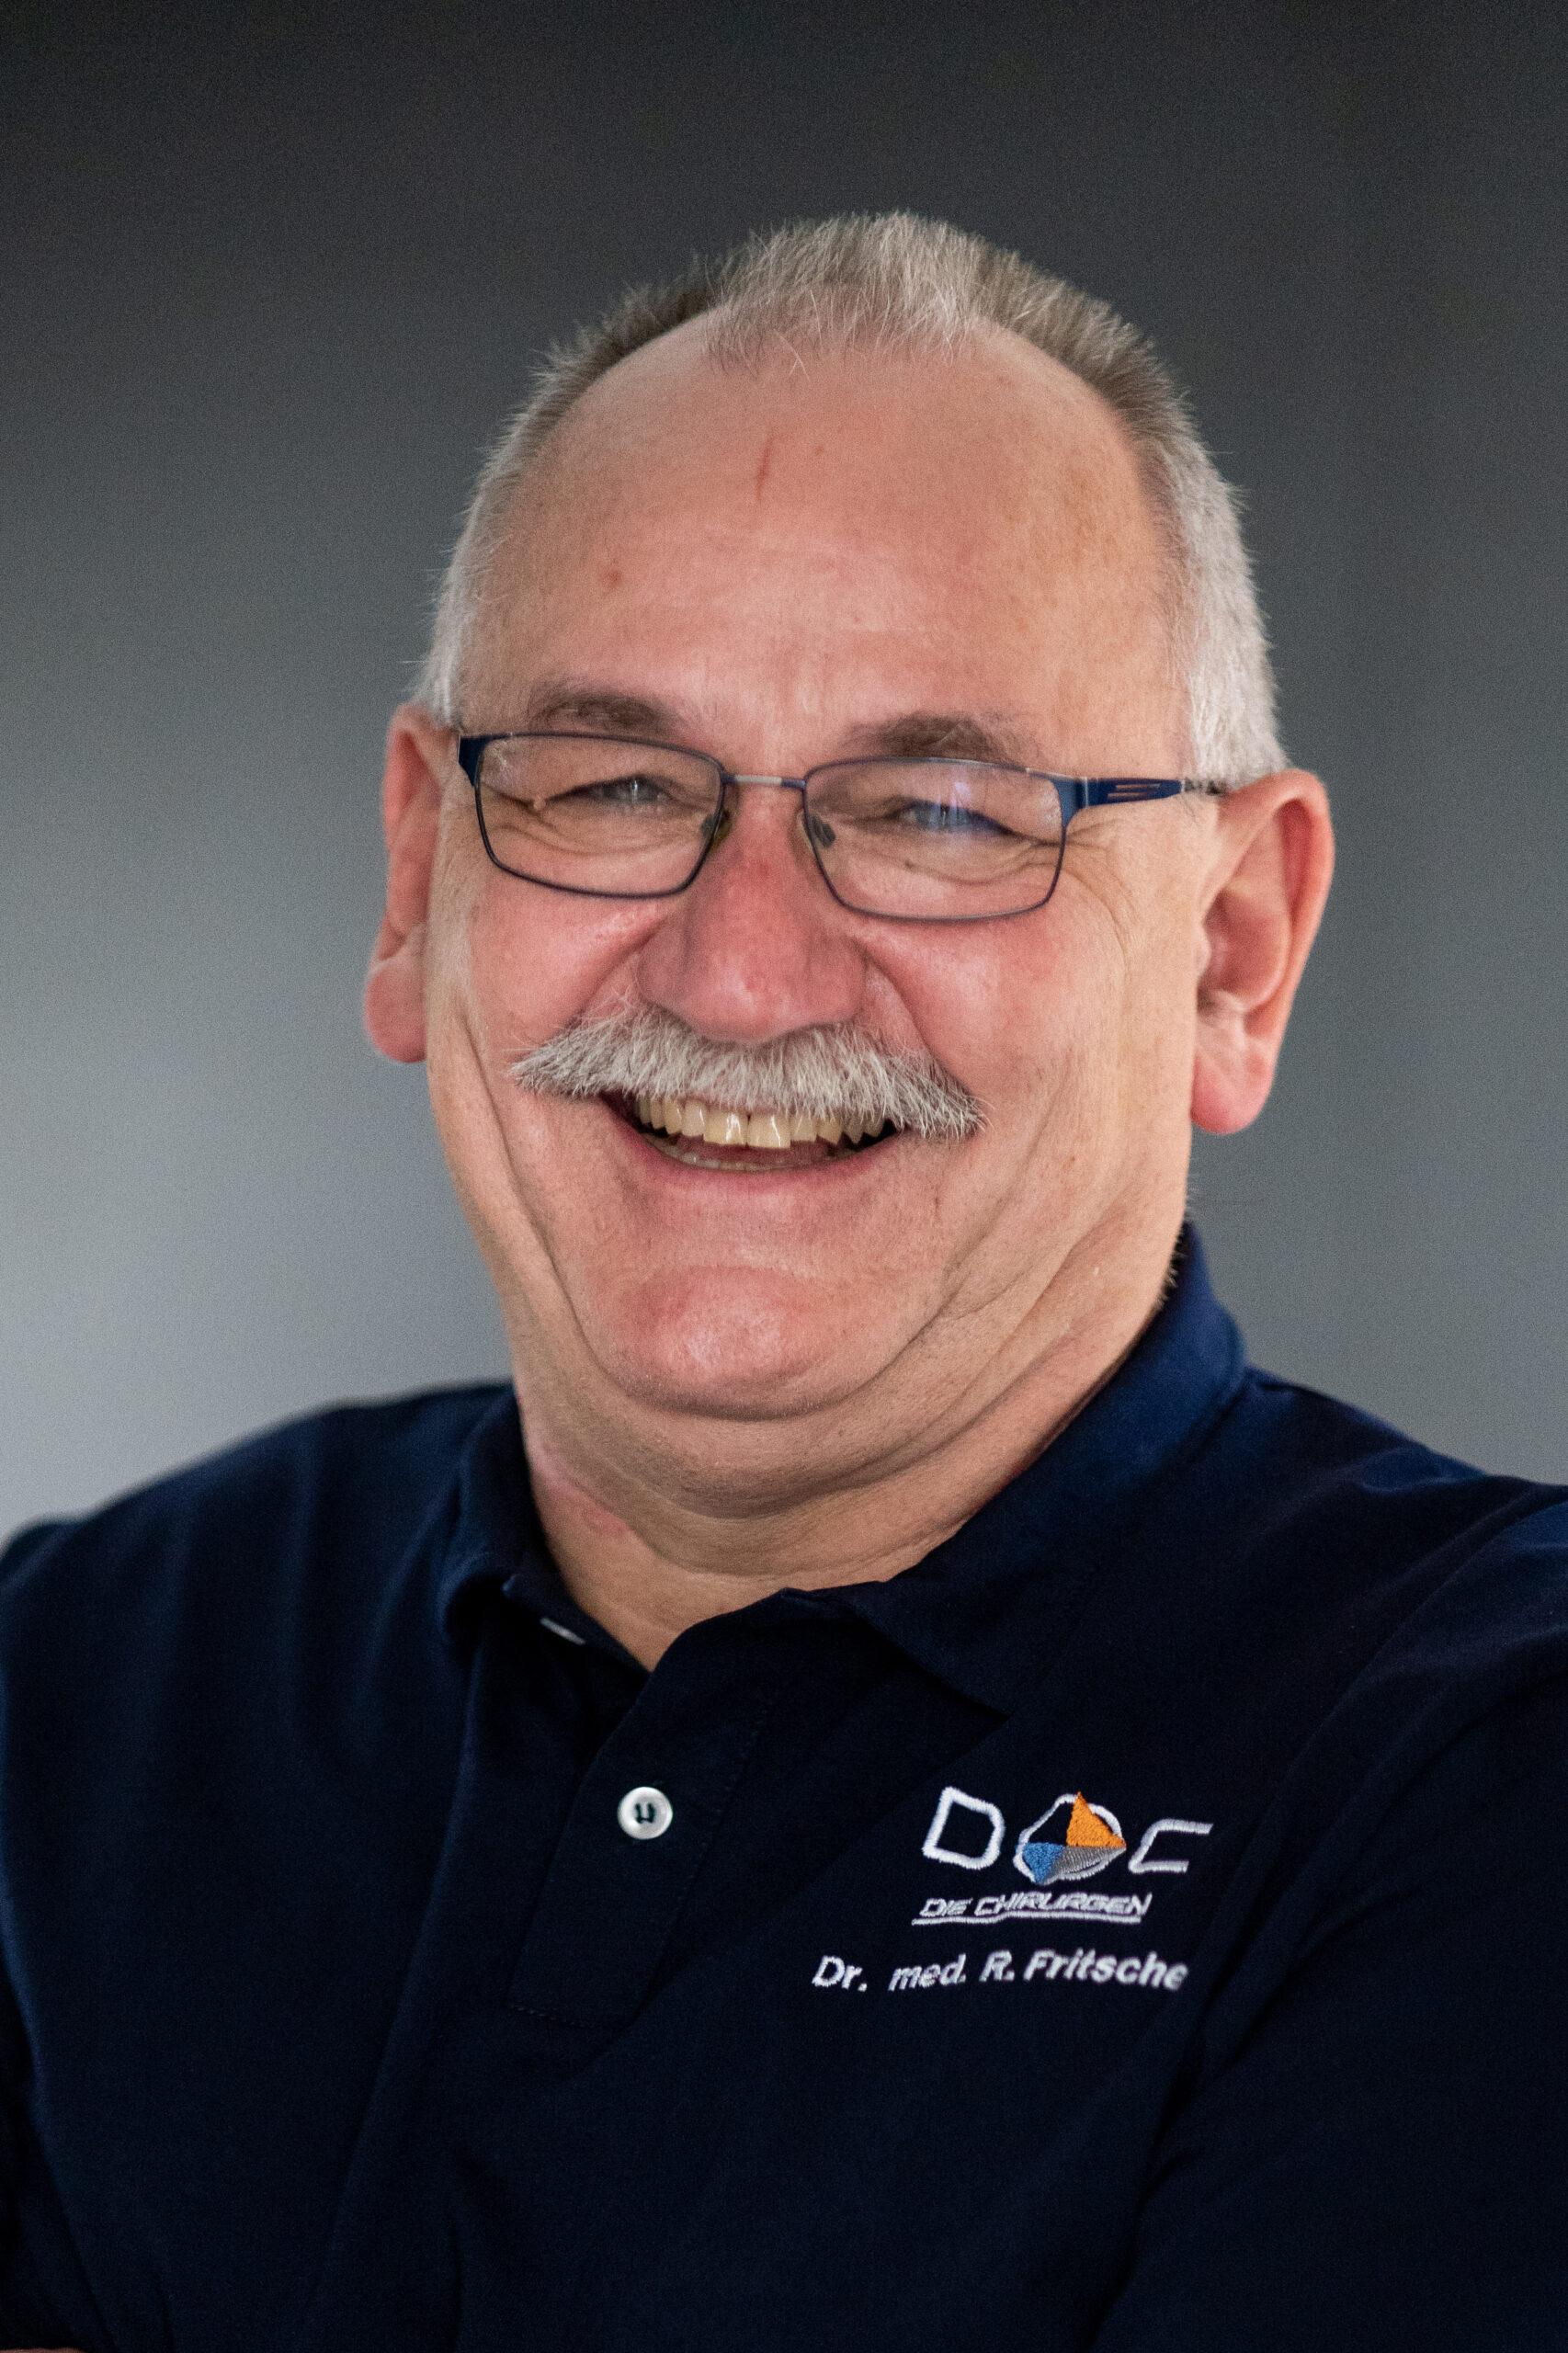 Dr. med. R. Fritsche